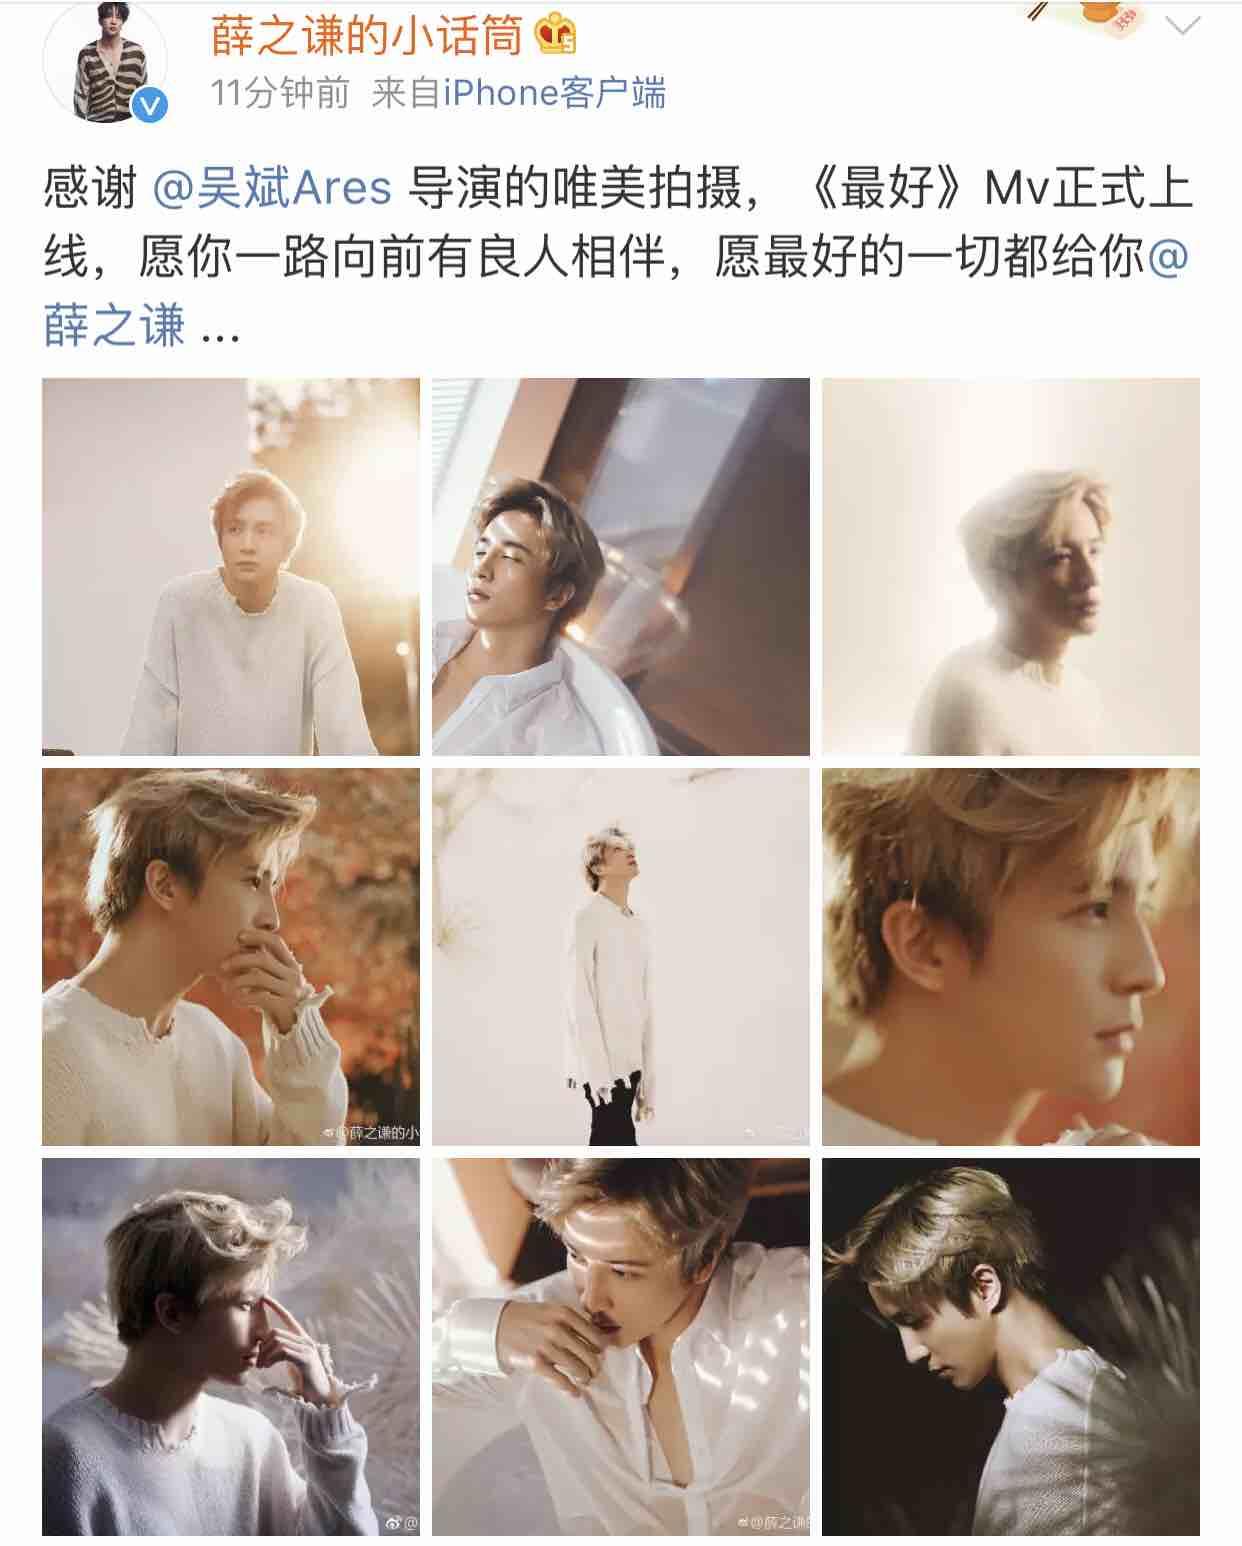 [新闻]190114 薛之谦唯美大片惊喜发布 上演白衬衫湿身诱惑